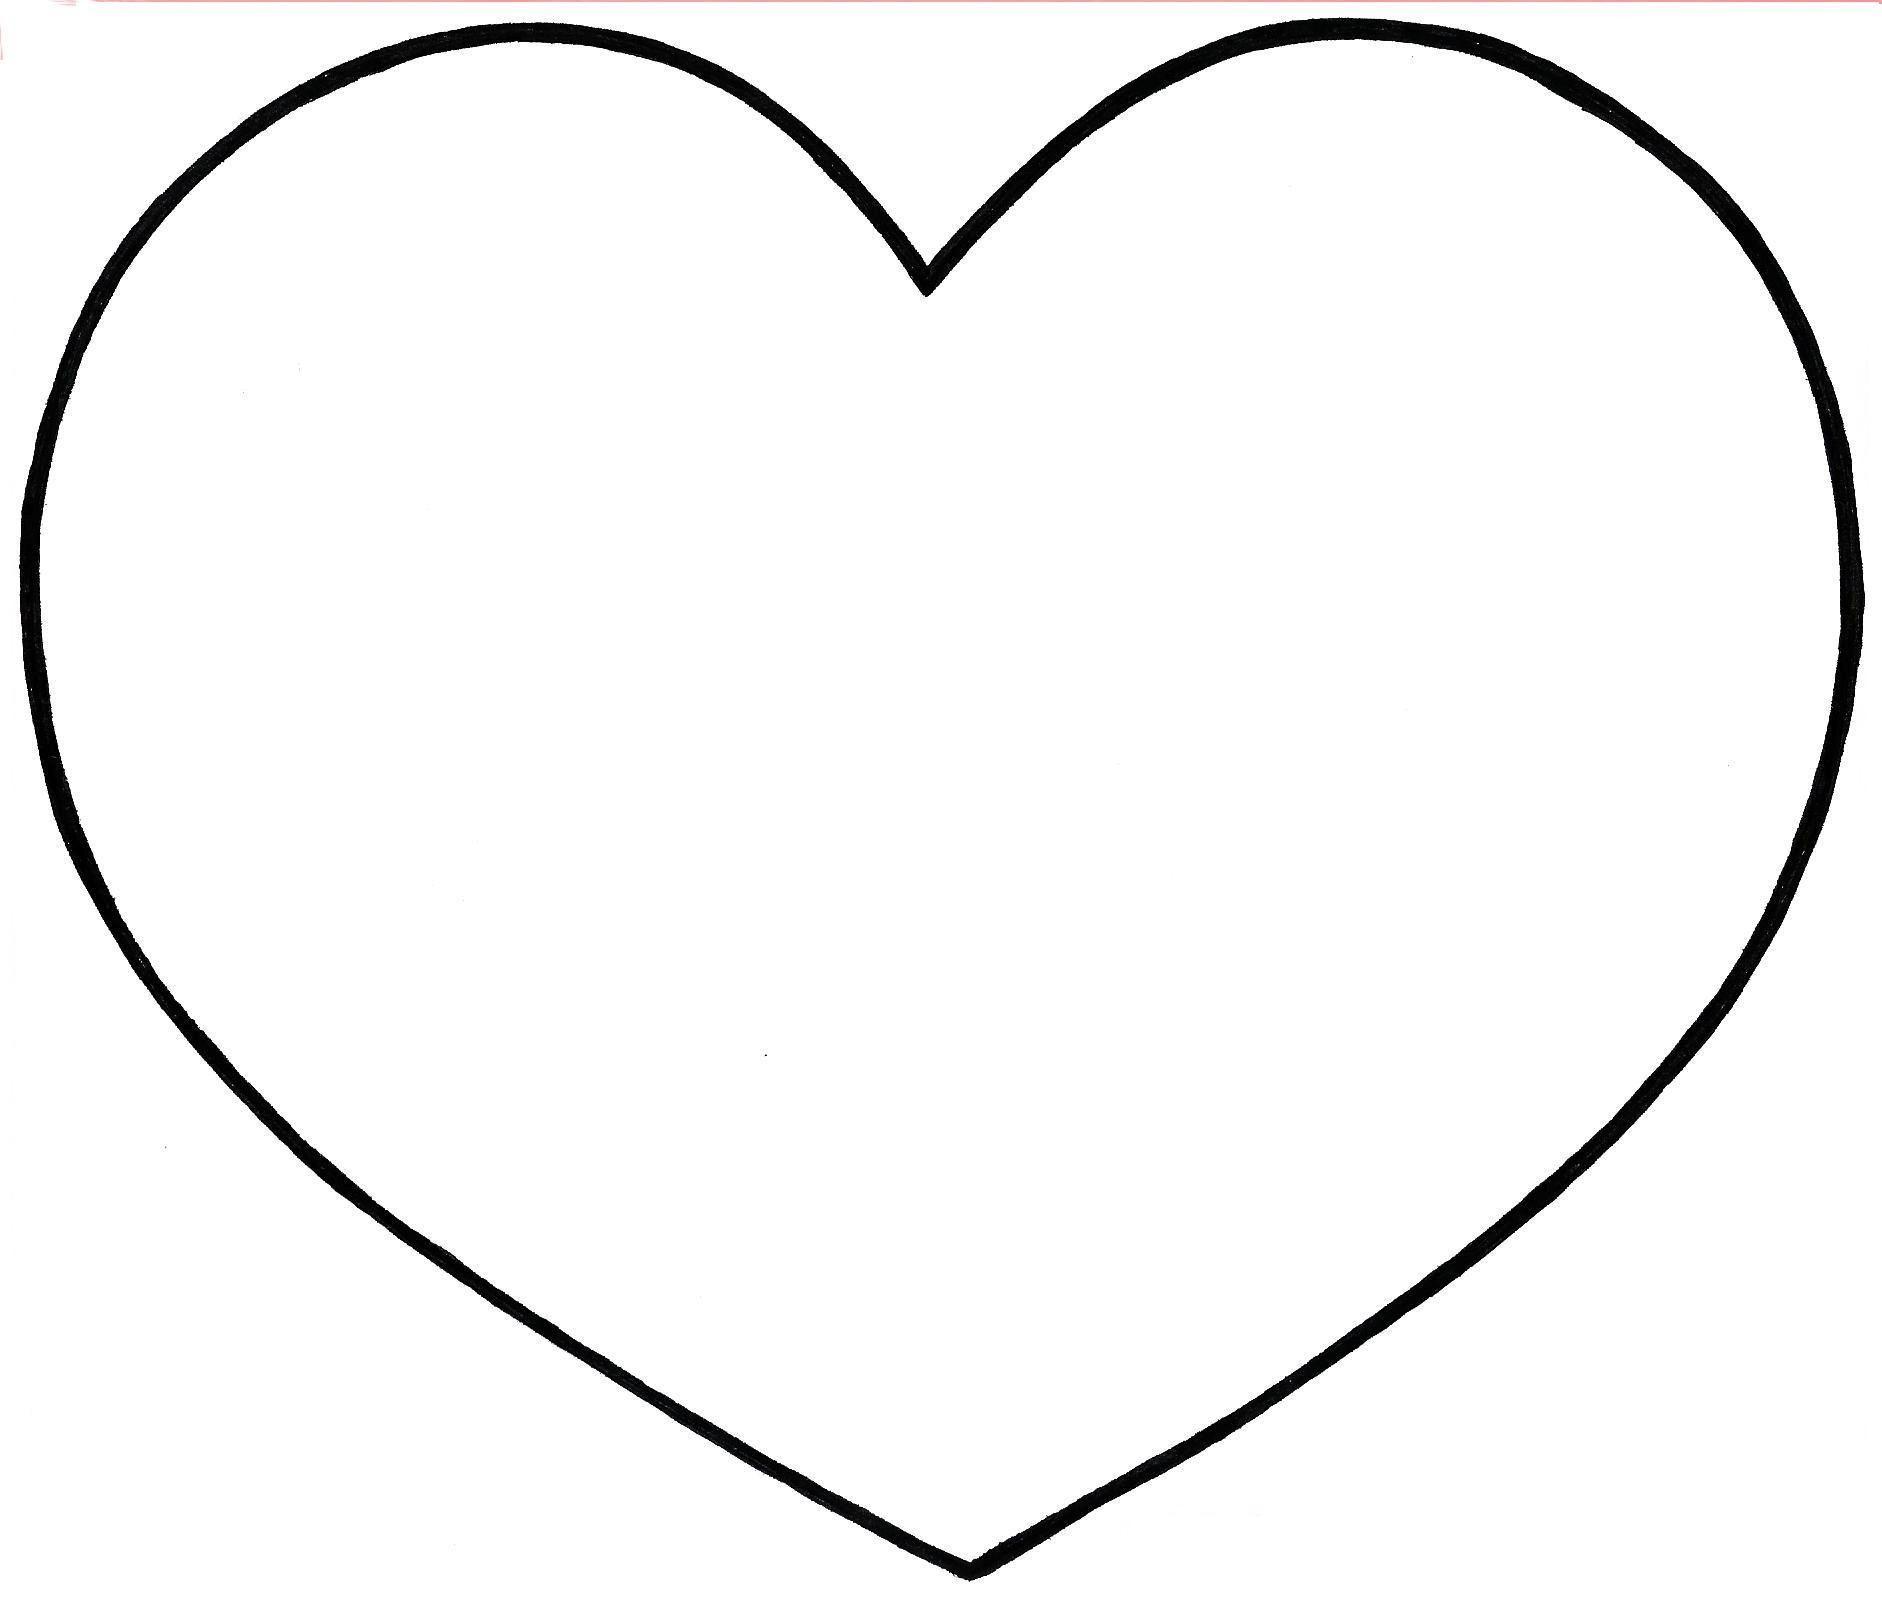 Coloriage Etoile Et Coeur.Dessin De Coeur Decore Superbe Galerie Dessin En Couleurs Imprimer